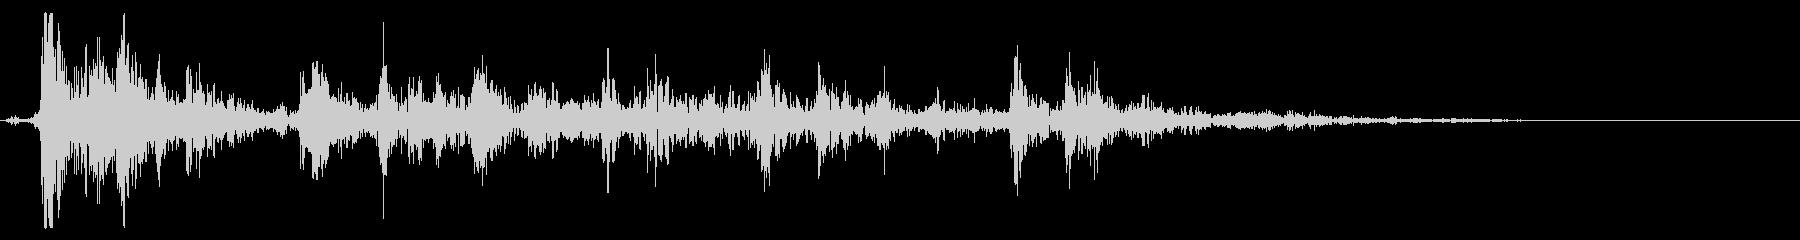 雷(ゴロゴロ)_3の未再生の波形